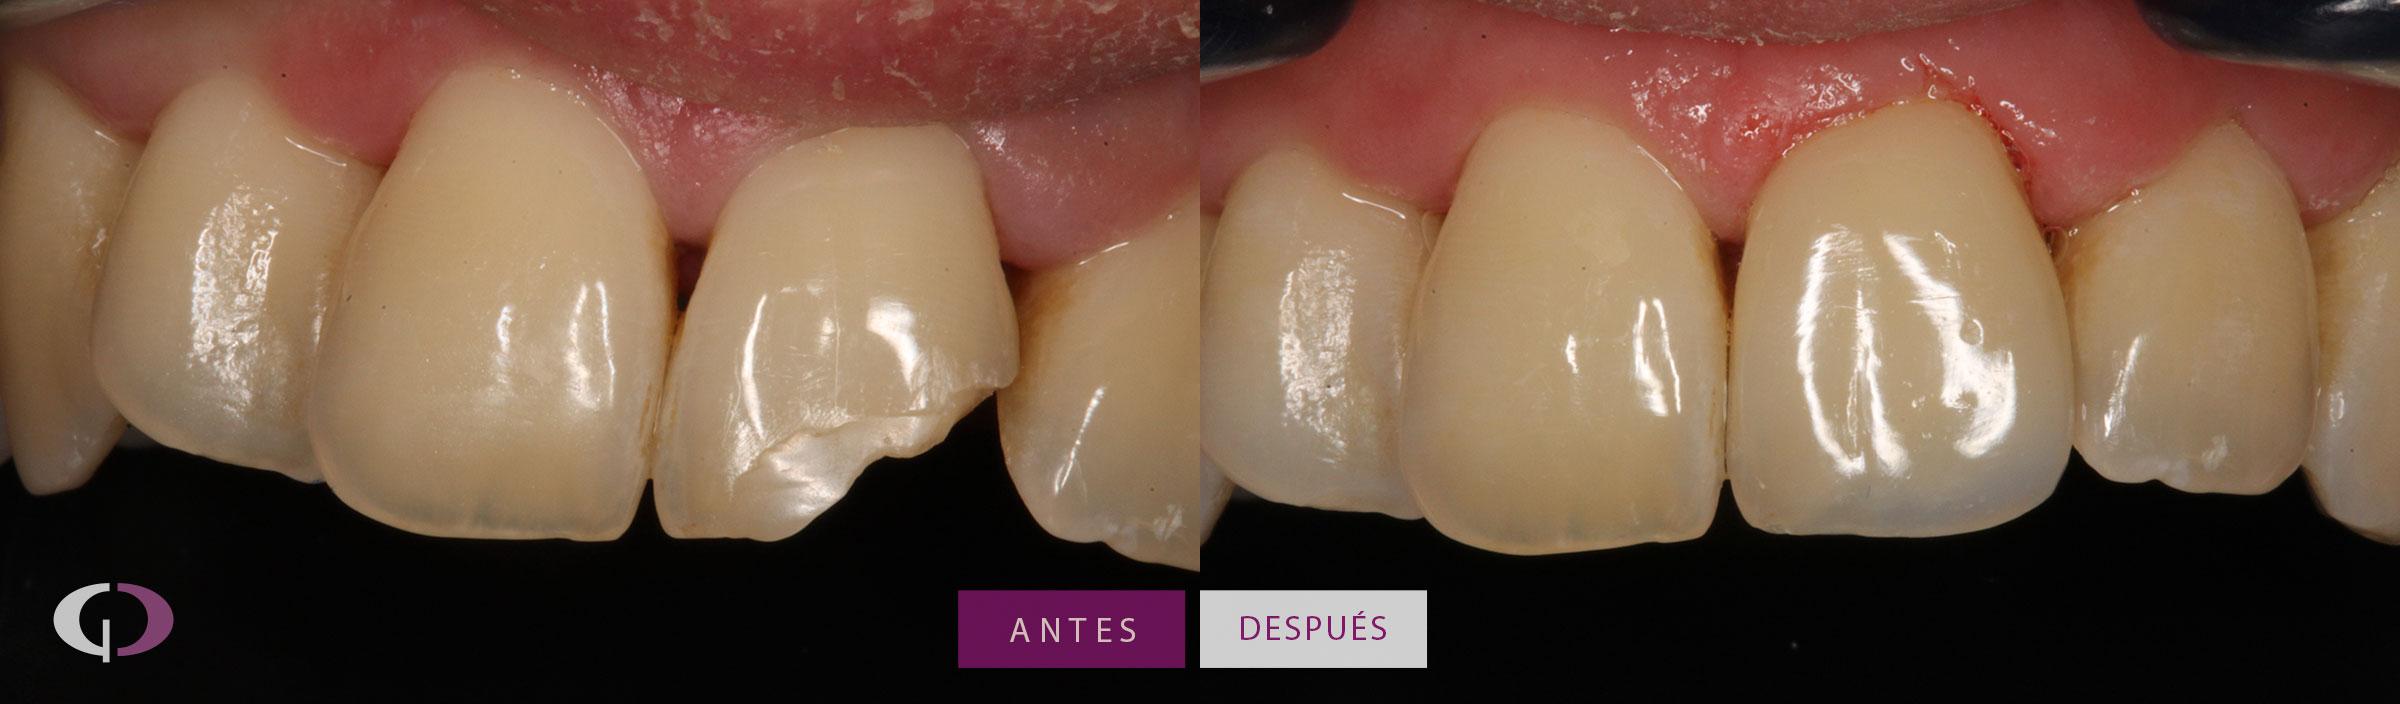 Reconstrucción dental composite